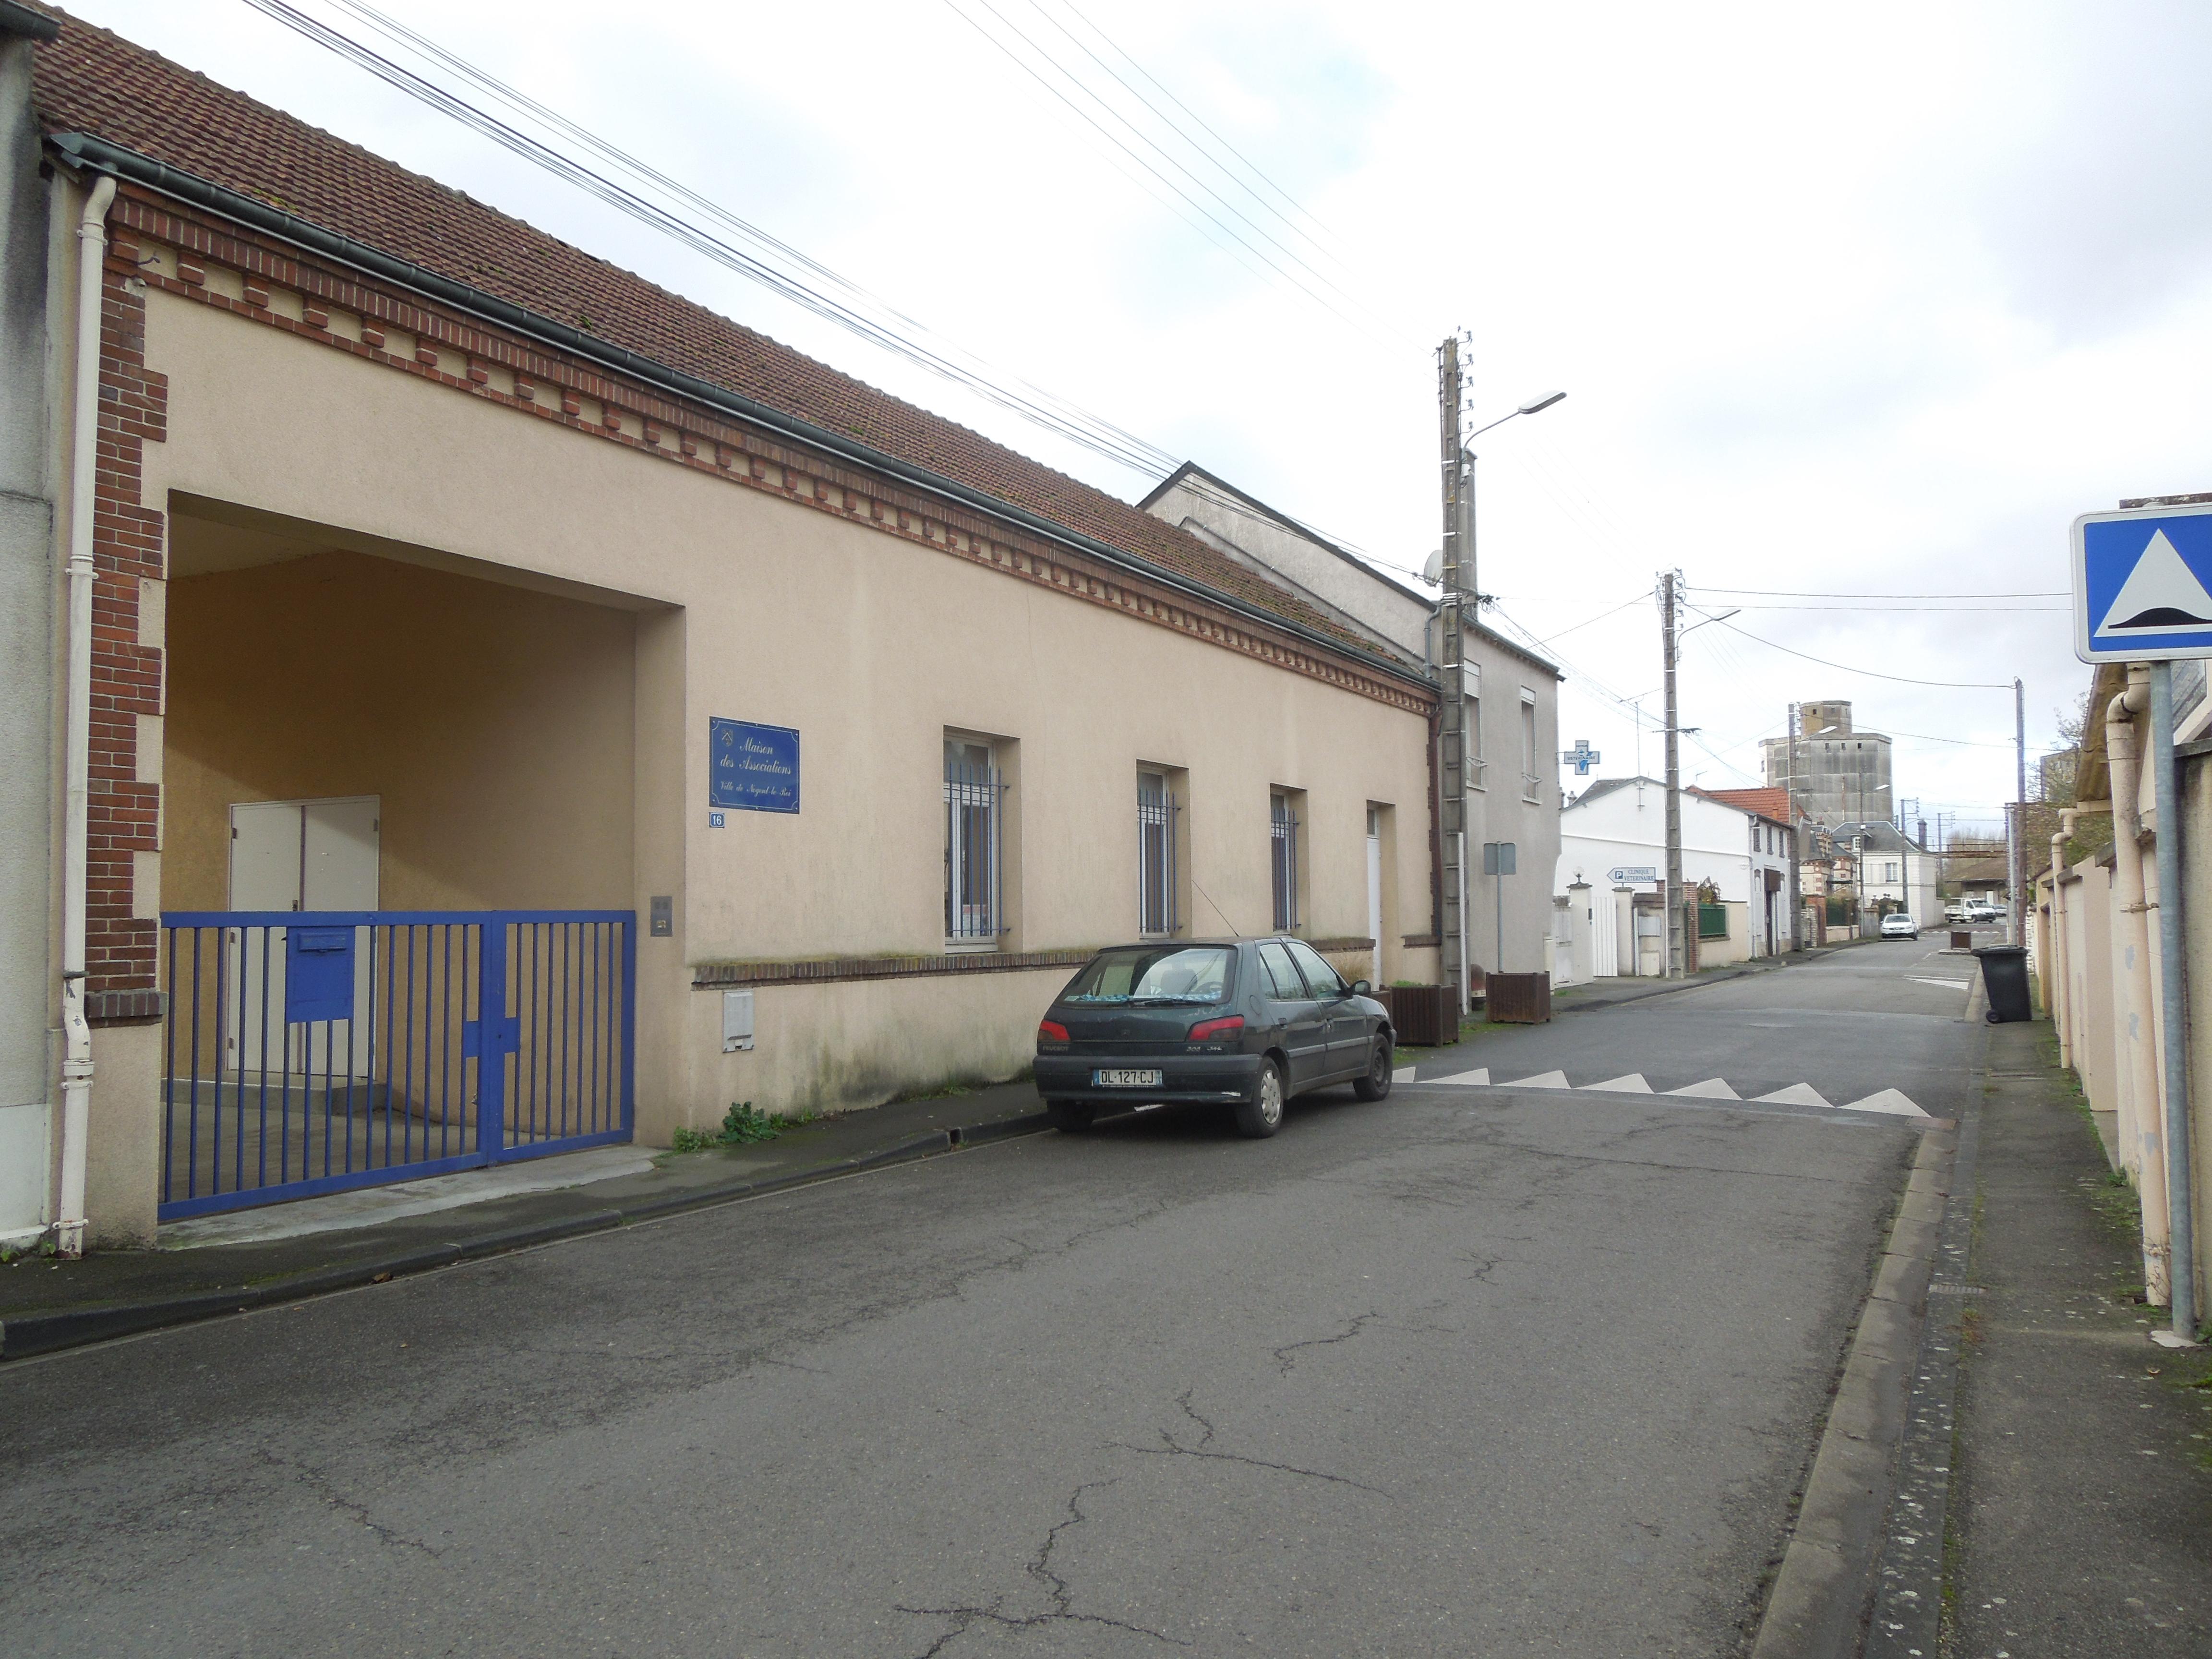 Maison des associations